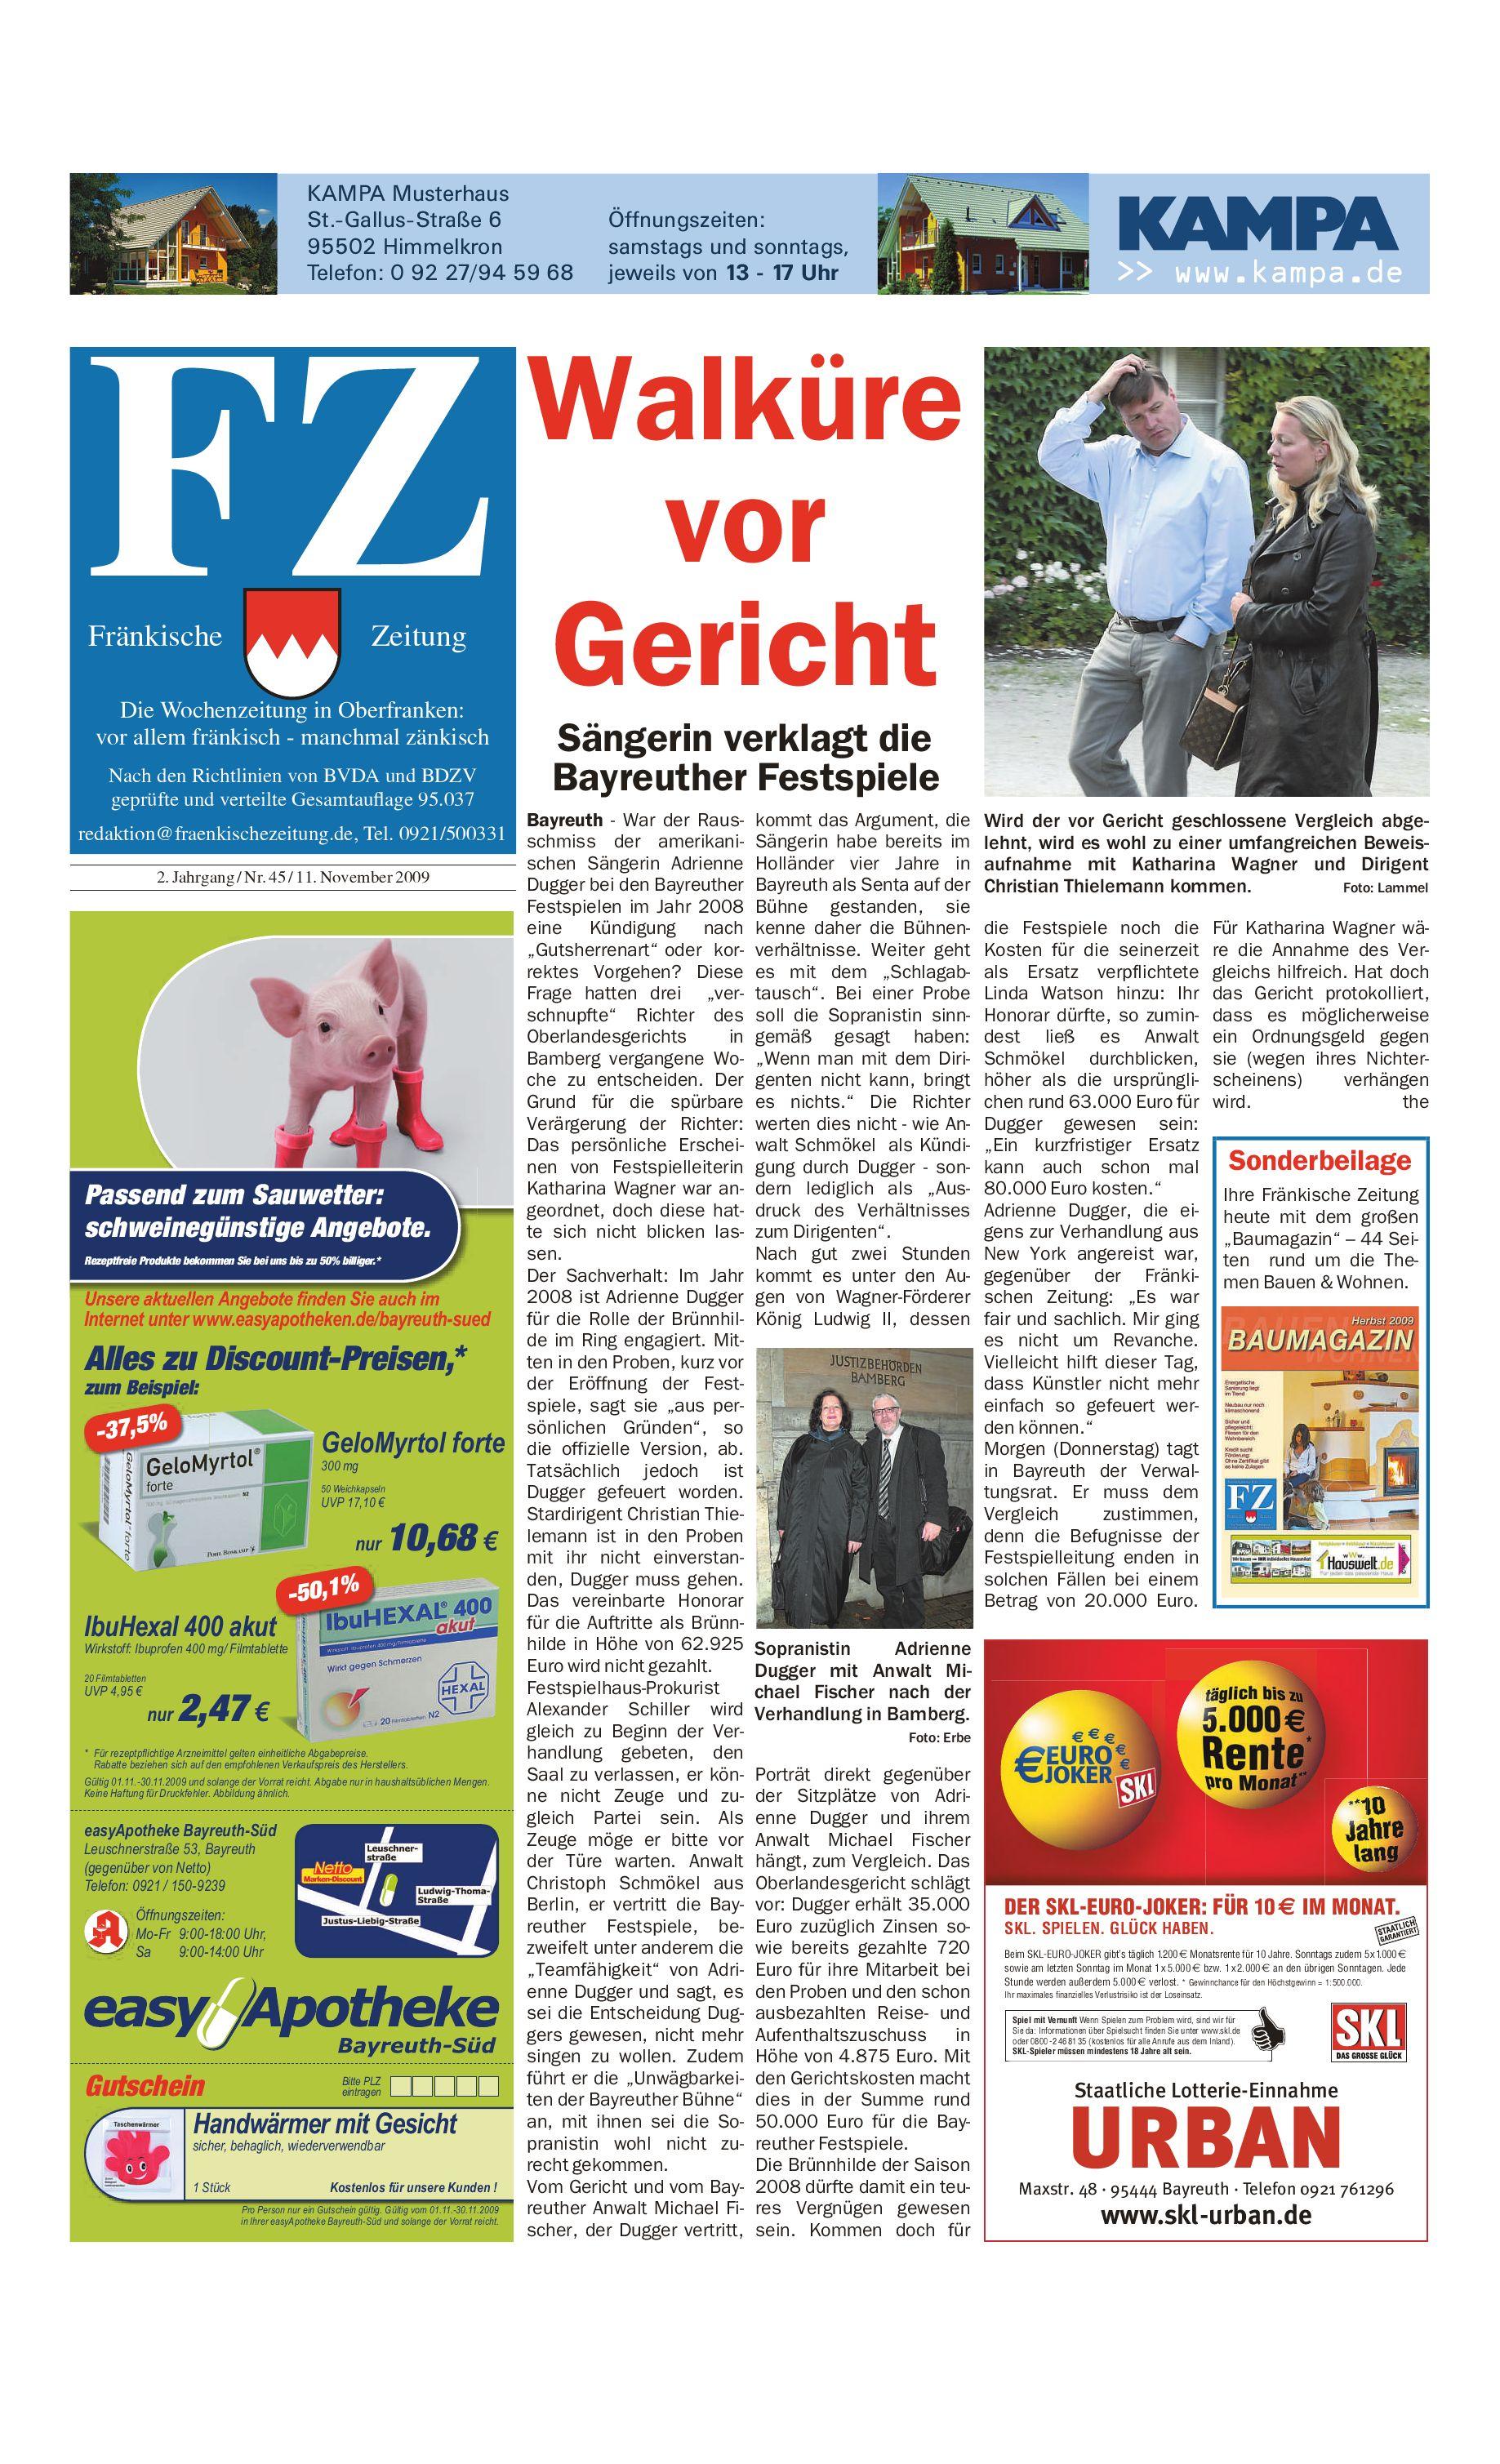 Fränkische Zeitung vom 11 11 2009 by Nordbayerischer Kurier GmbH